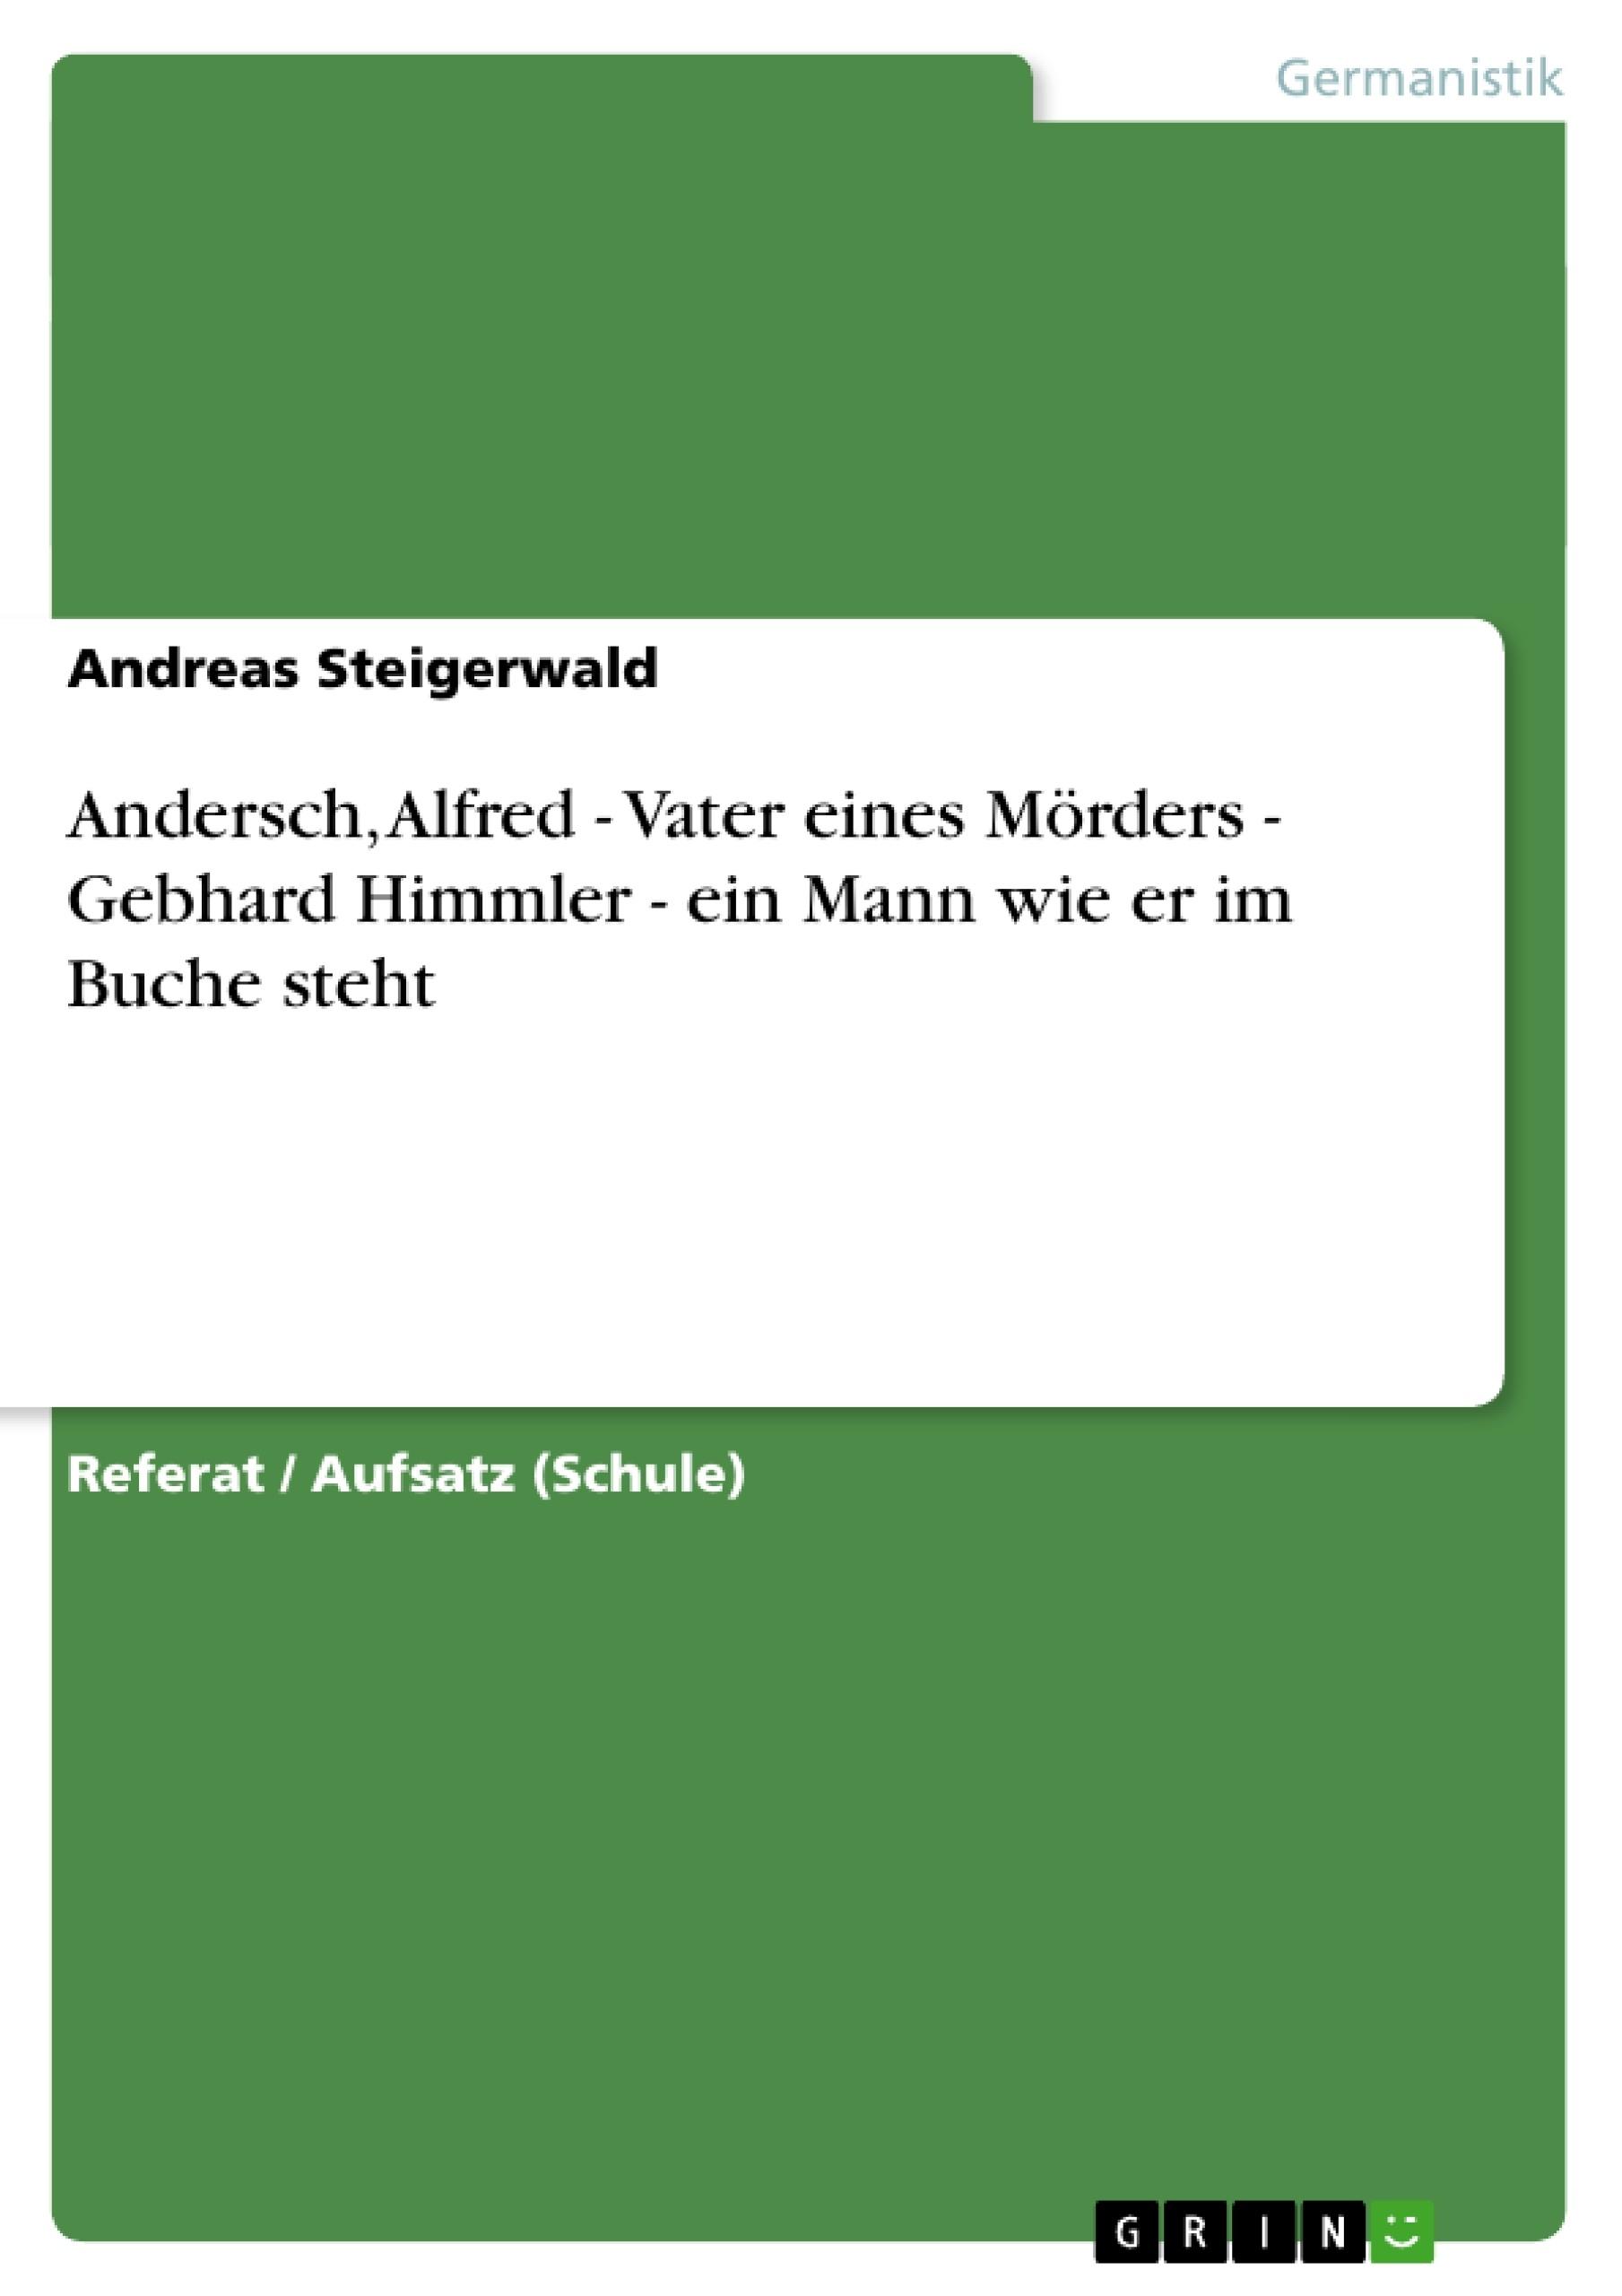 Titel: Andersch, Alfred - Vater eines Mörders - Gebhard Himmler - ein Mann wie er im Buche steht